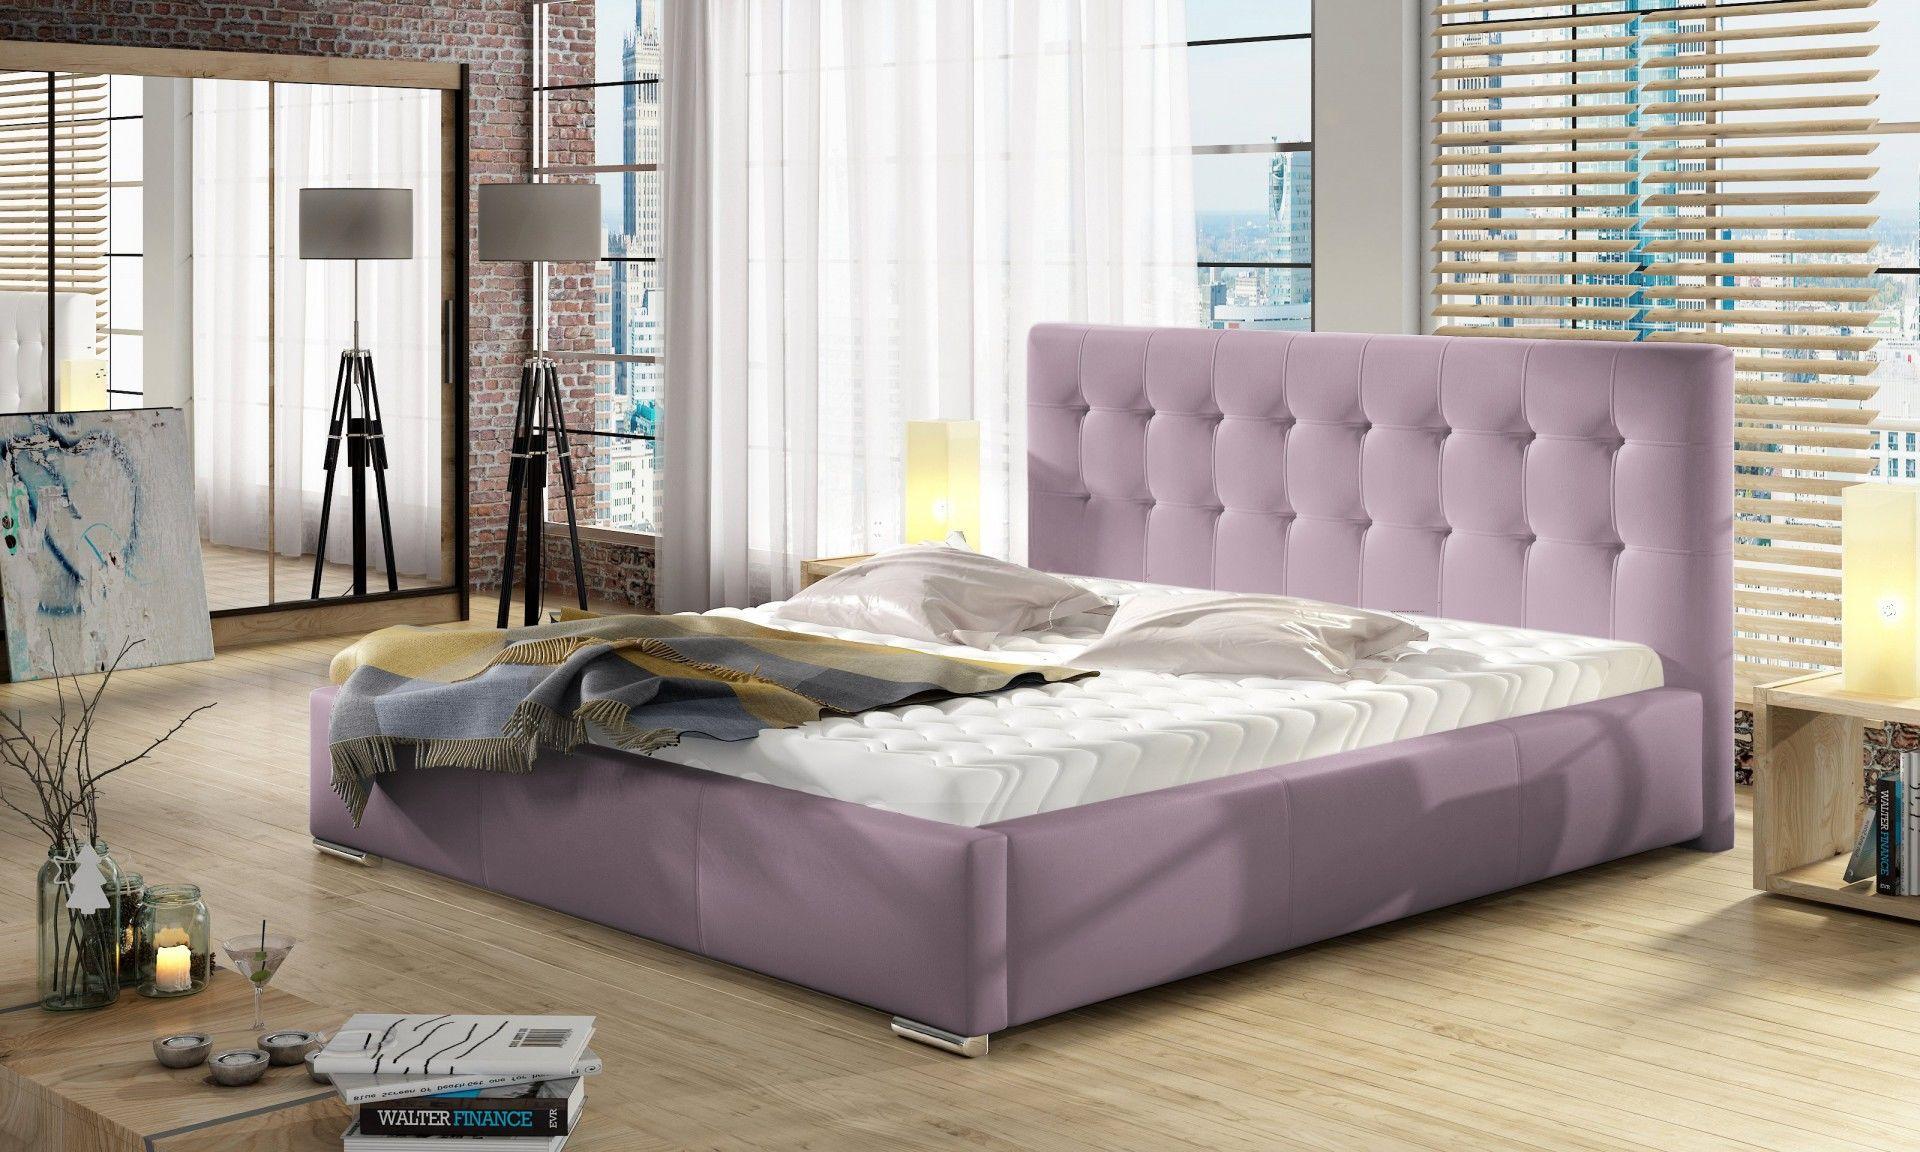 Łóżko DOLORES pod materac 160x200+ materac kieszeniowy PASSION + stelaż Simpack